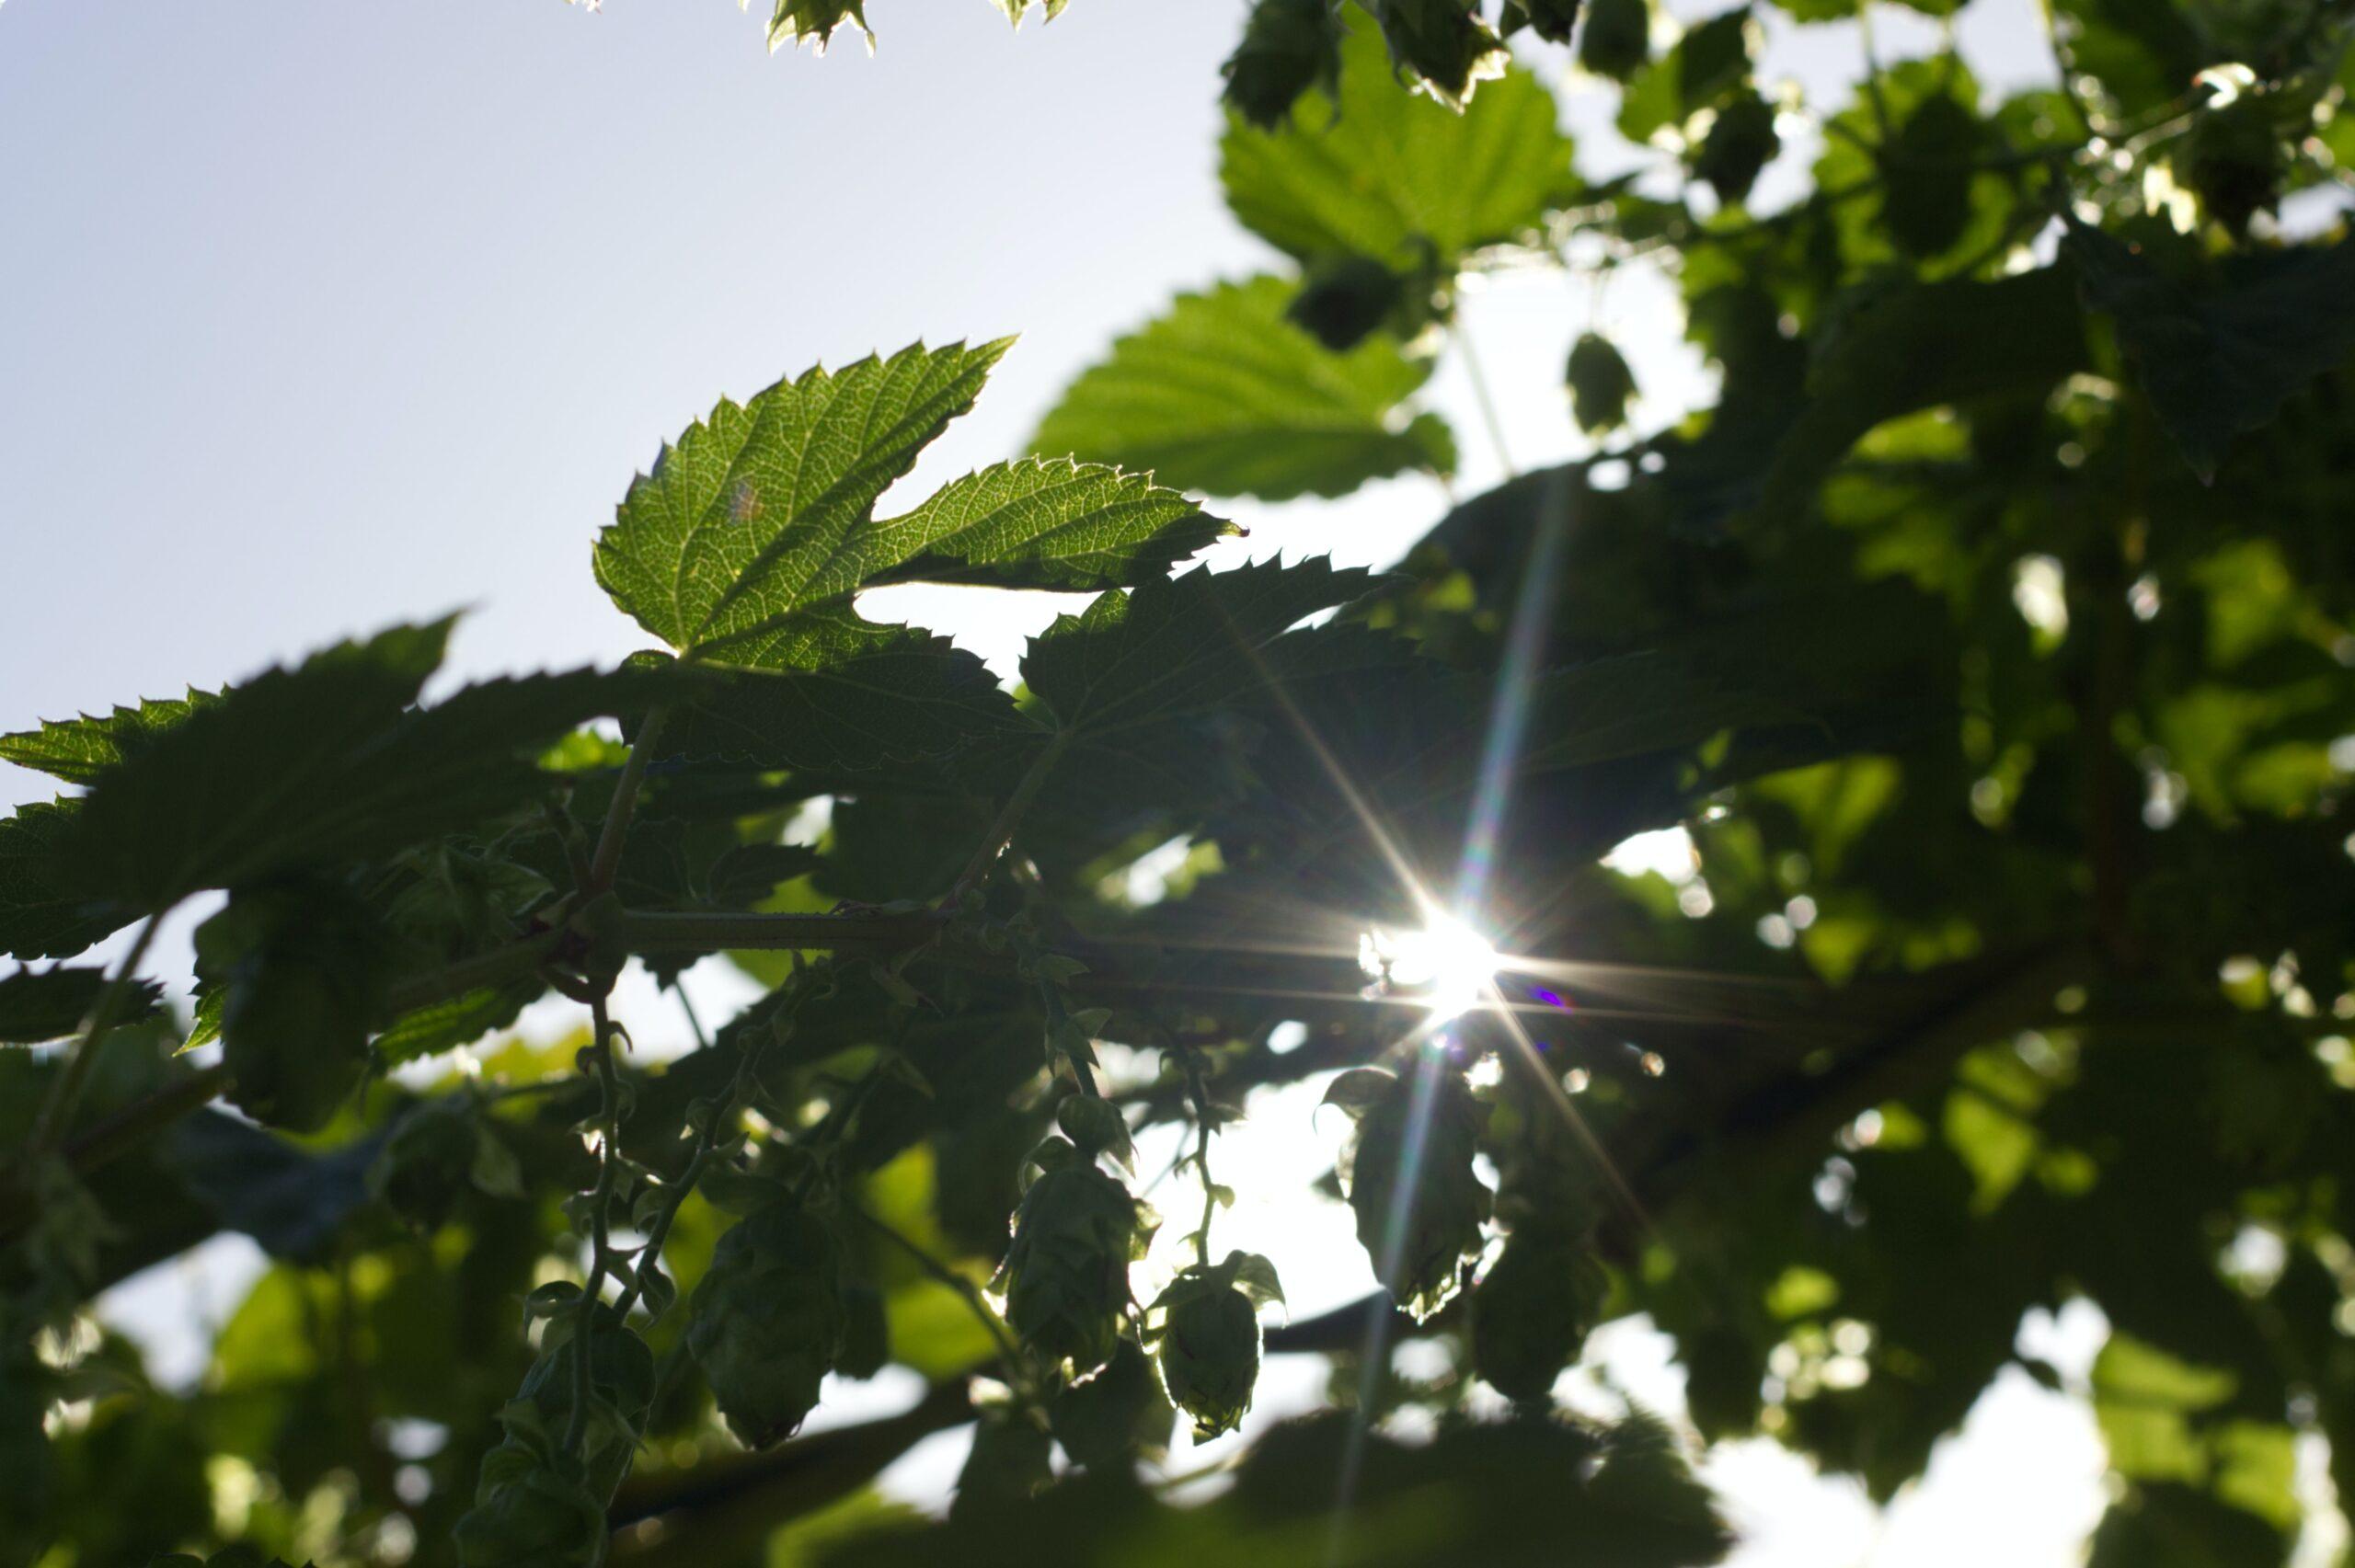 Se la ripartenza ci allontana dagli obiettivi ambientali. Italia bocciata in sostenibilità, ma c'è ancora una piccola speranza